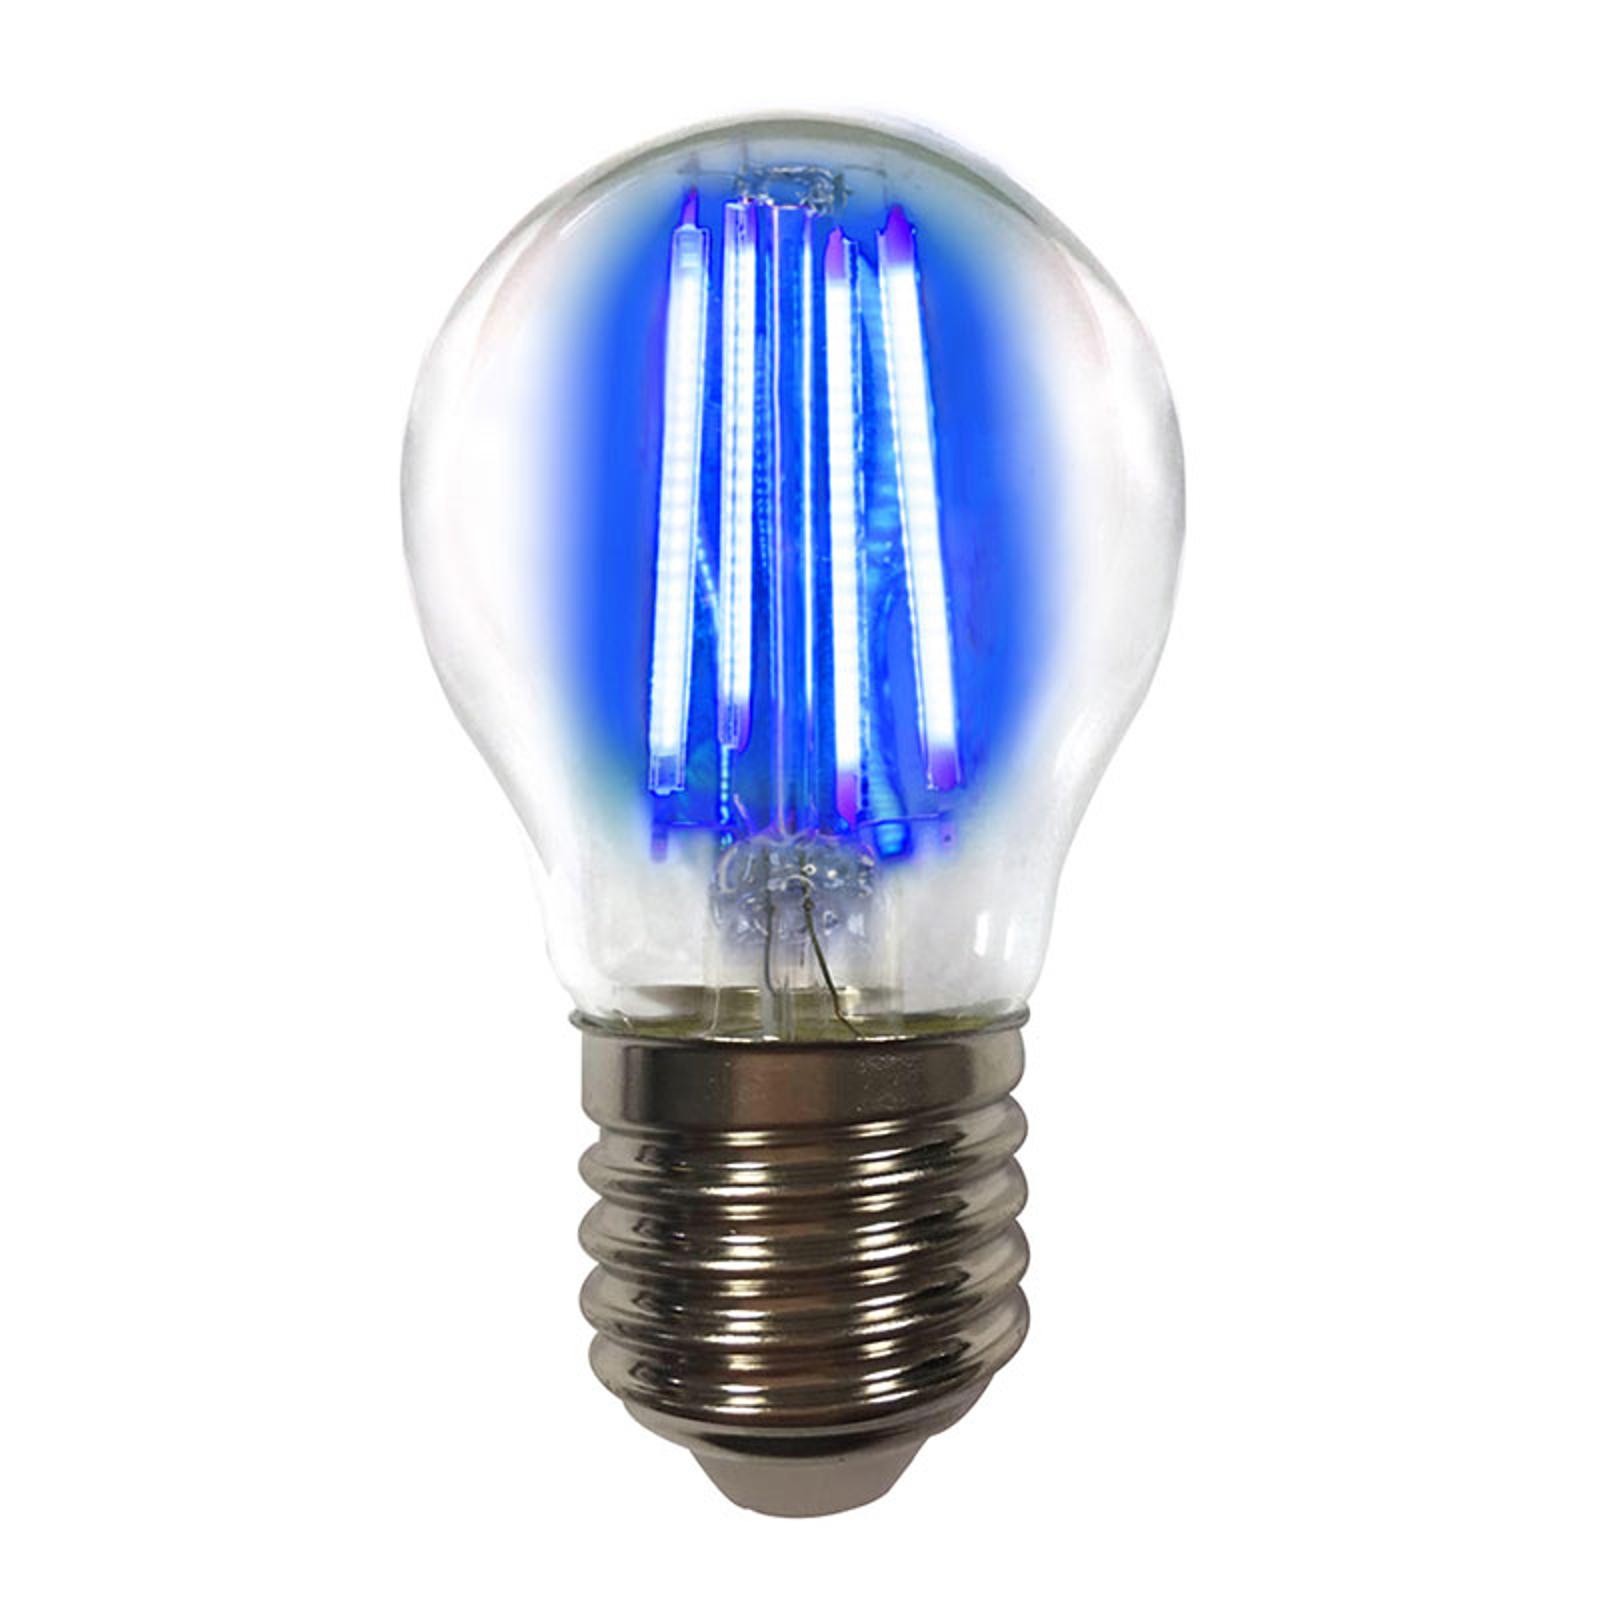 LED-pære E27 4W filament, blå, farvet lys